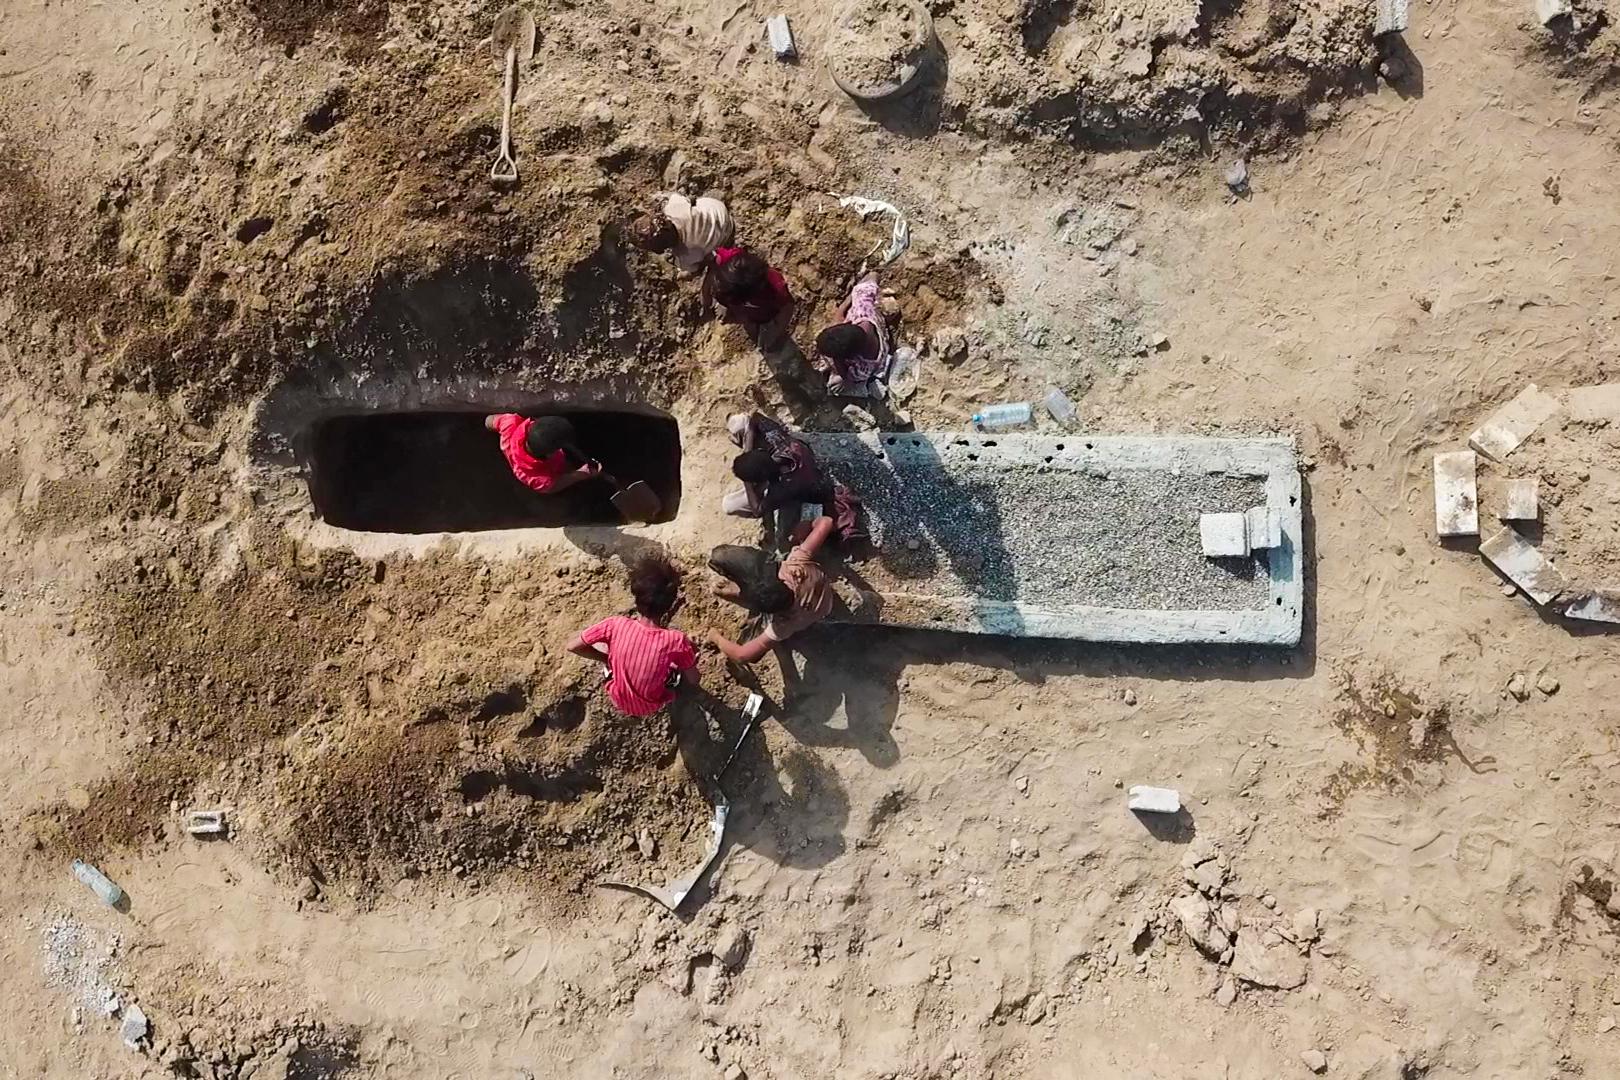 عمال مقبرة عدن لا يعرفون سبب وفاة أشخاص دفنوا حديثا، وفق أسوشيتد برس